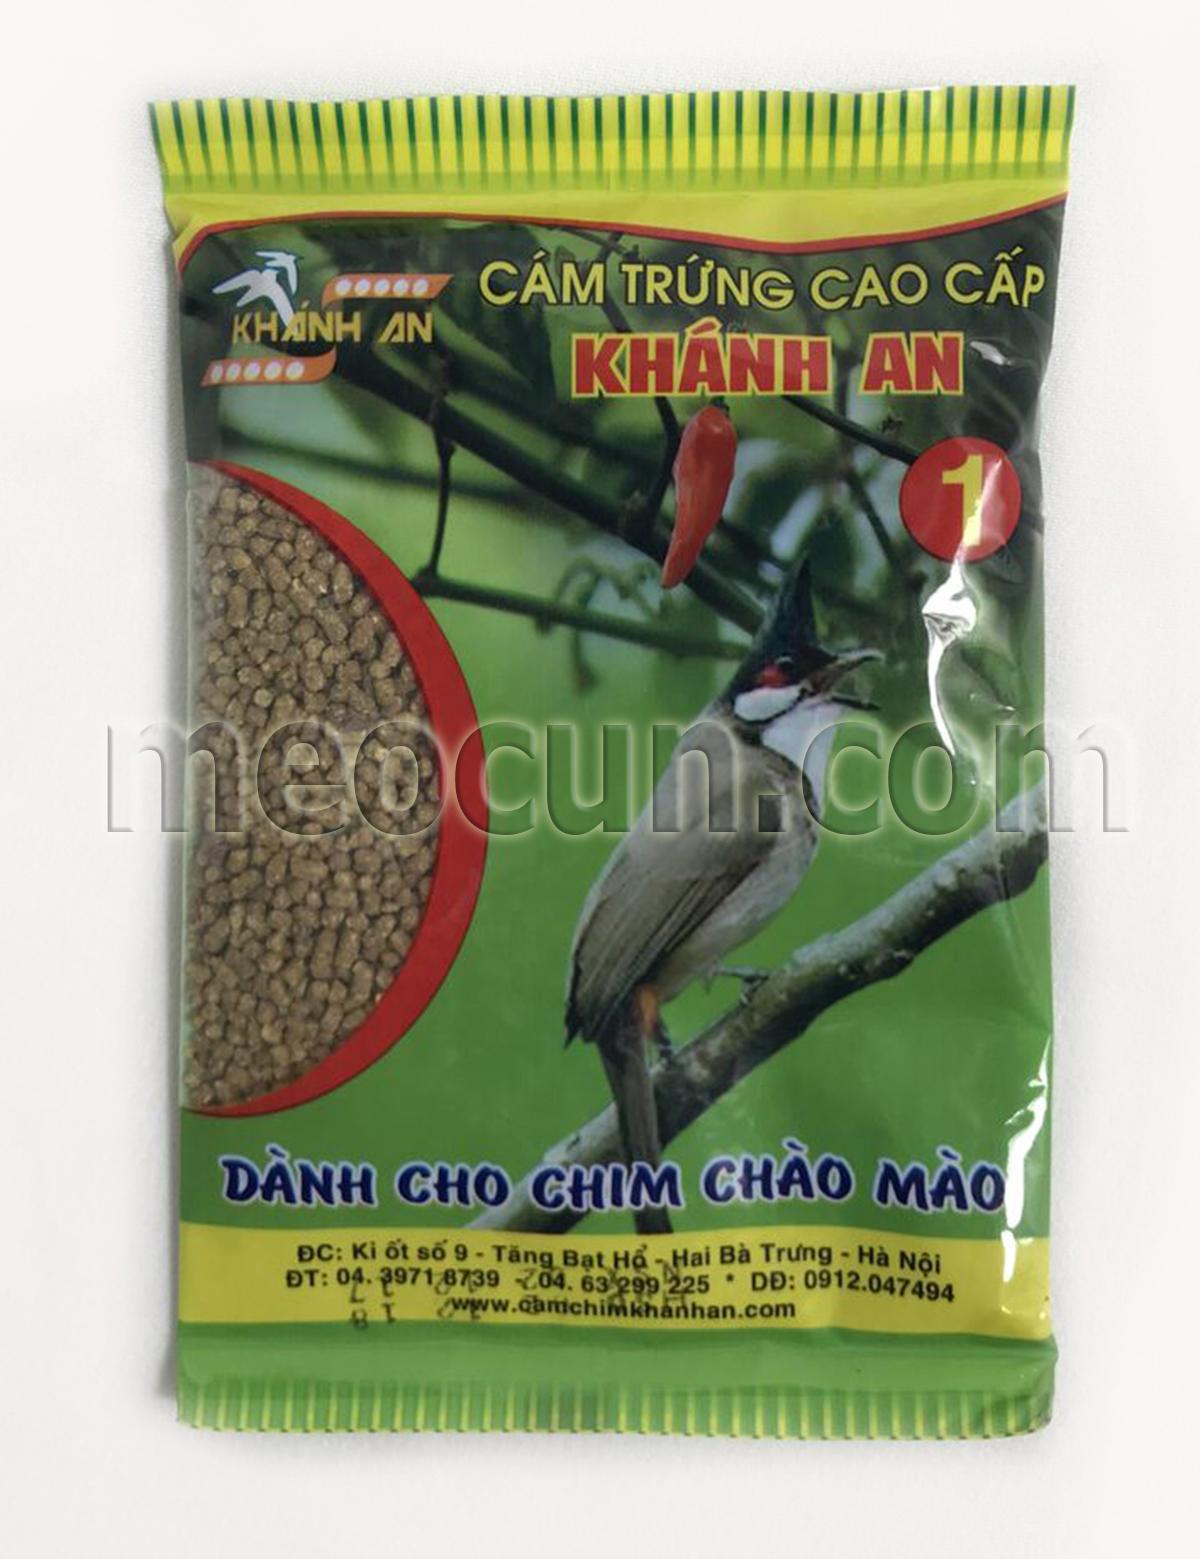 cám chim chào mào - thức ăn cho chim meocun.com